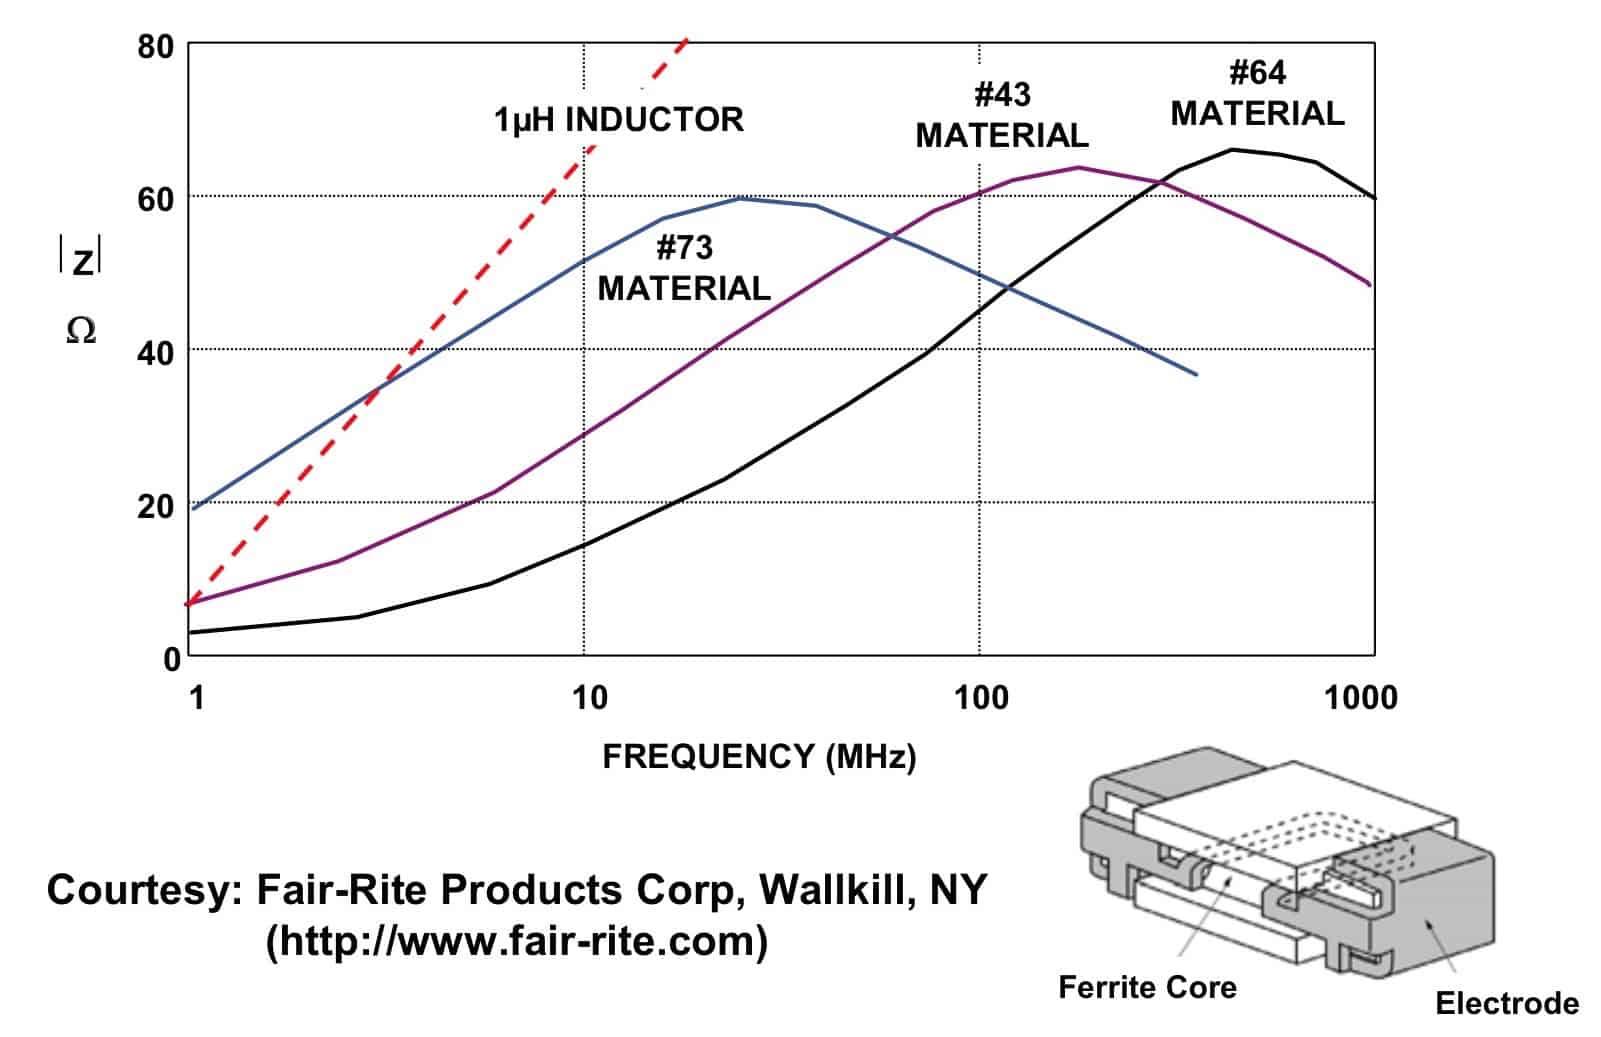 图8:铁氧体磁珠阻抗与1μH电感的比较